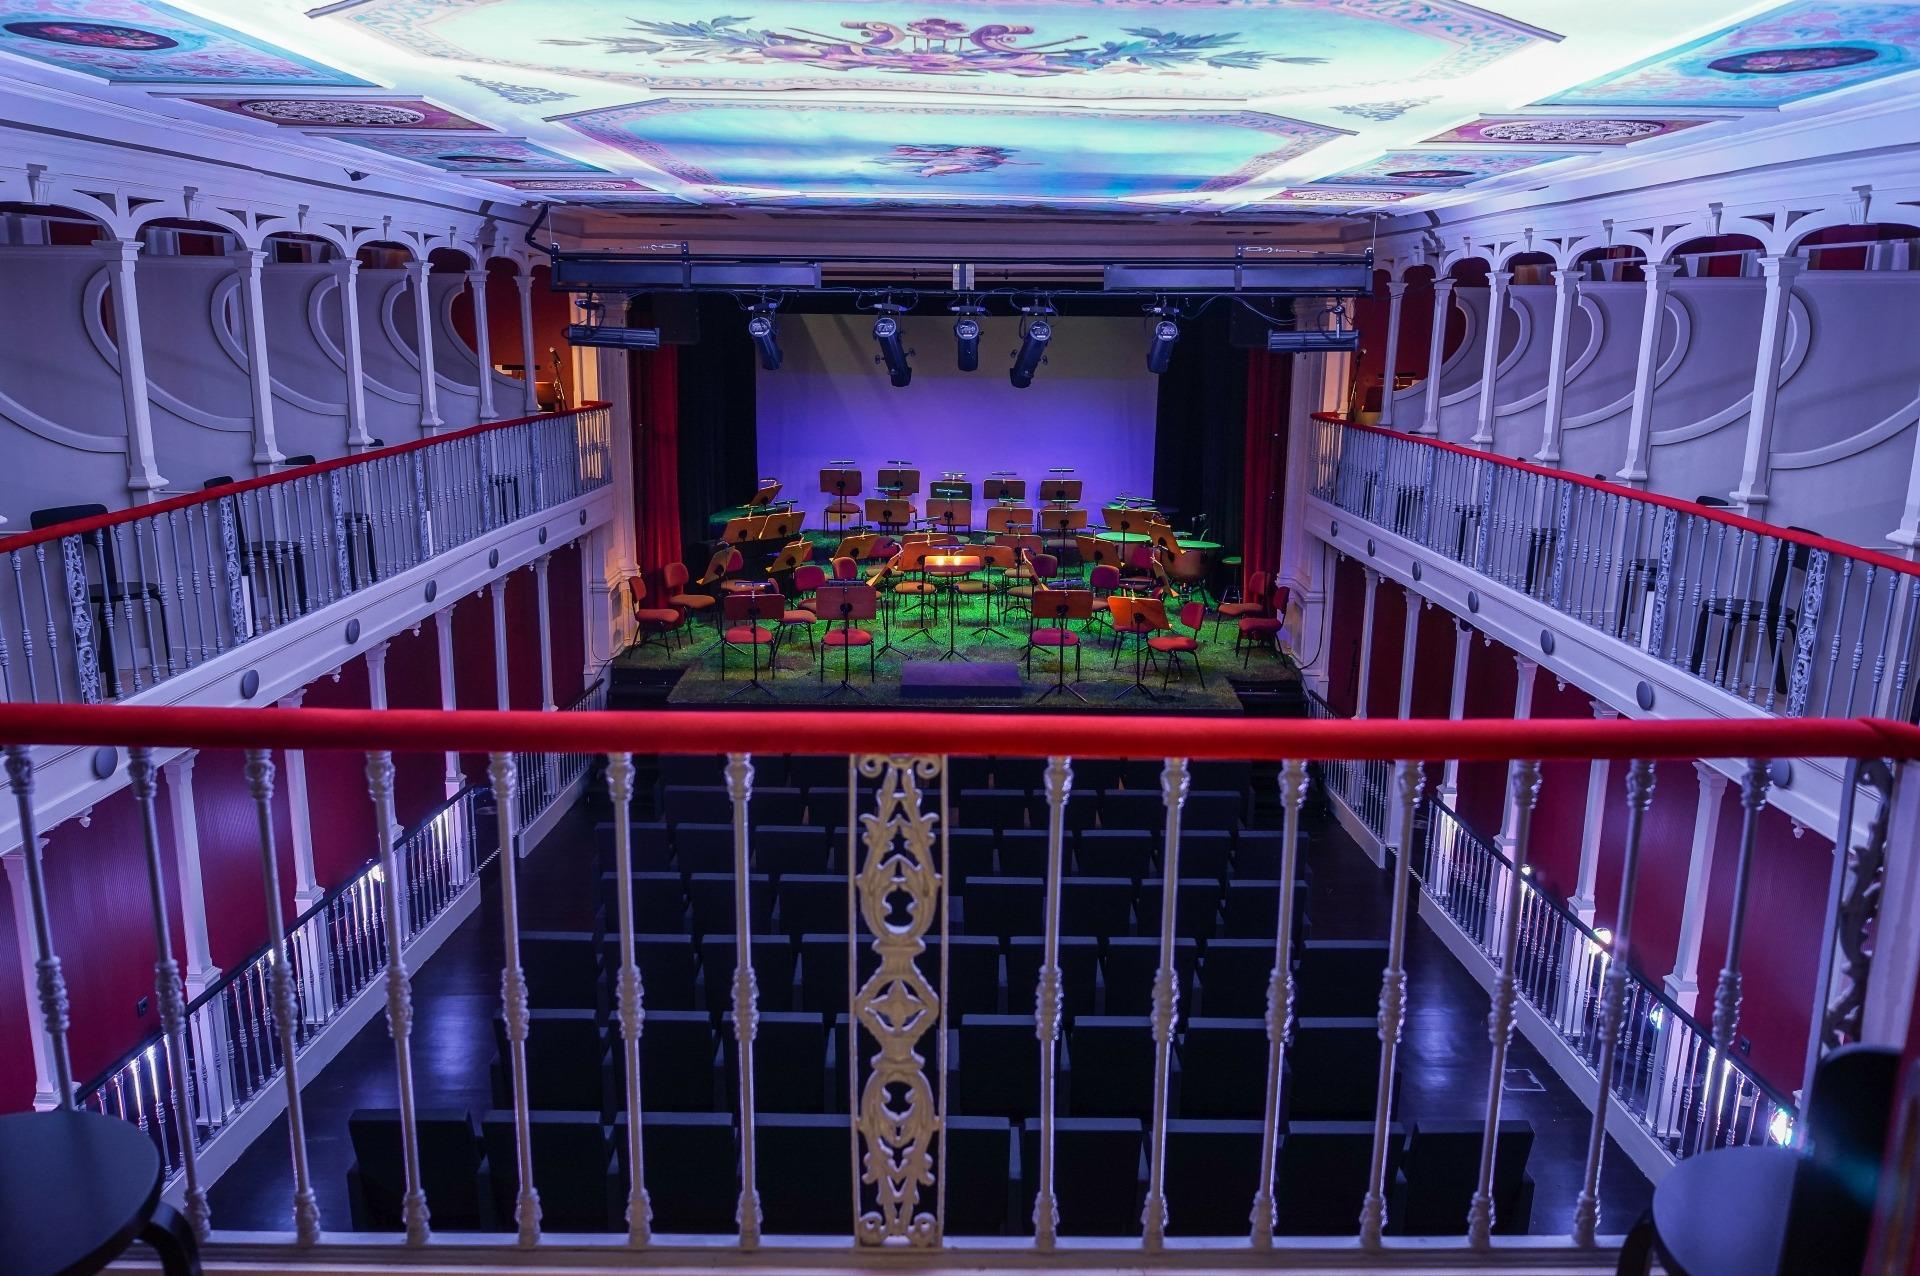 Fotografia do interior da sala tirada por José Frade